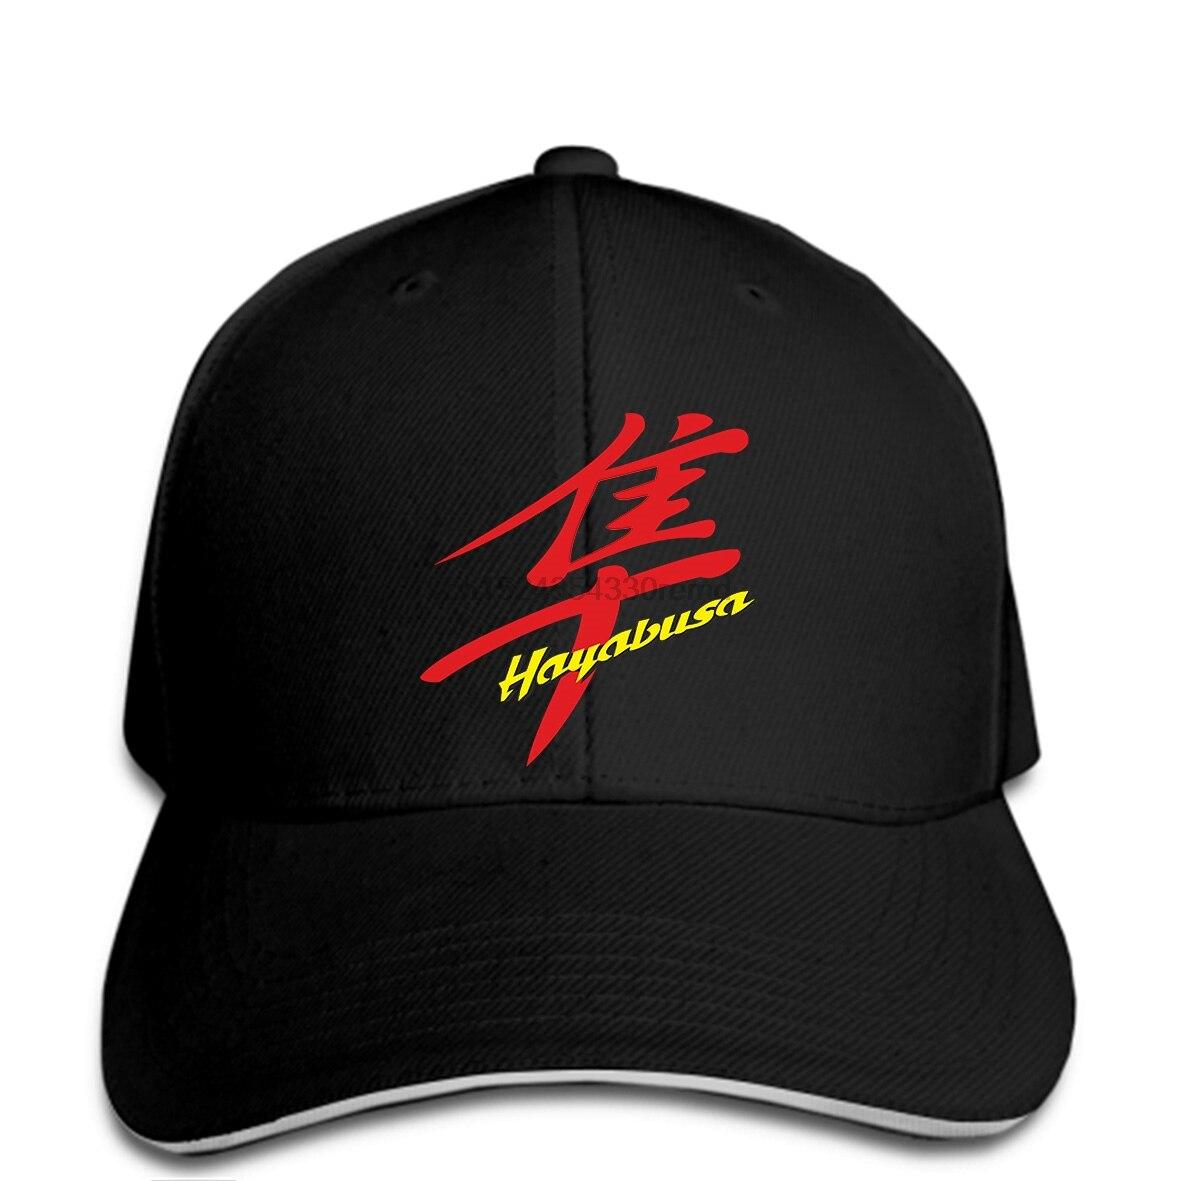 c61244756 hip hop Baseball caps Funny Men hat cap Black New Suzuki Hayabusa Gsx R  Men's cap